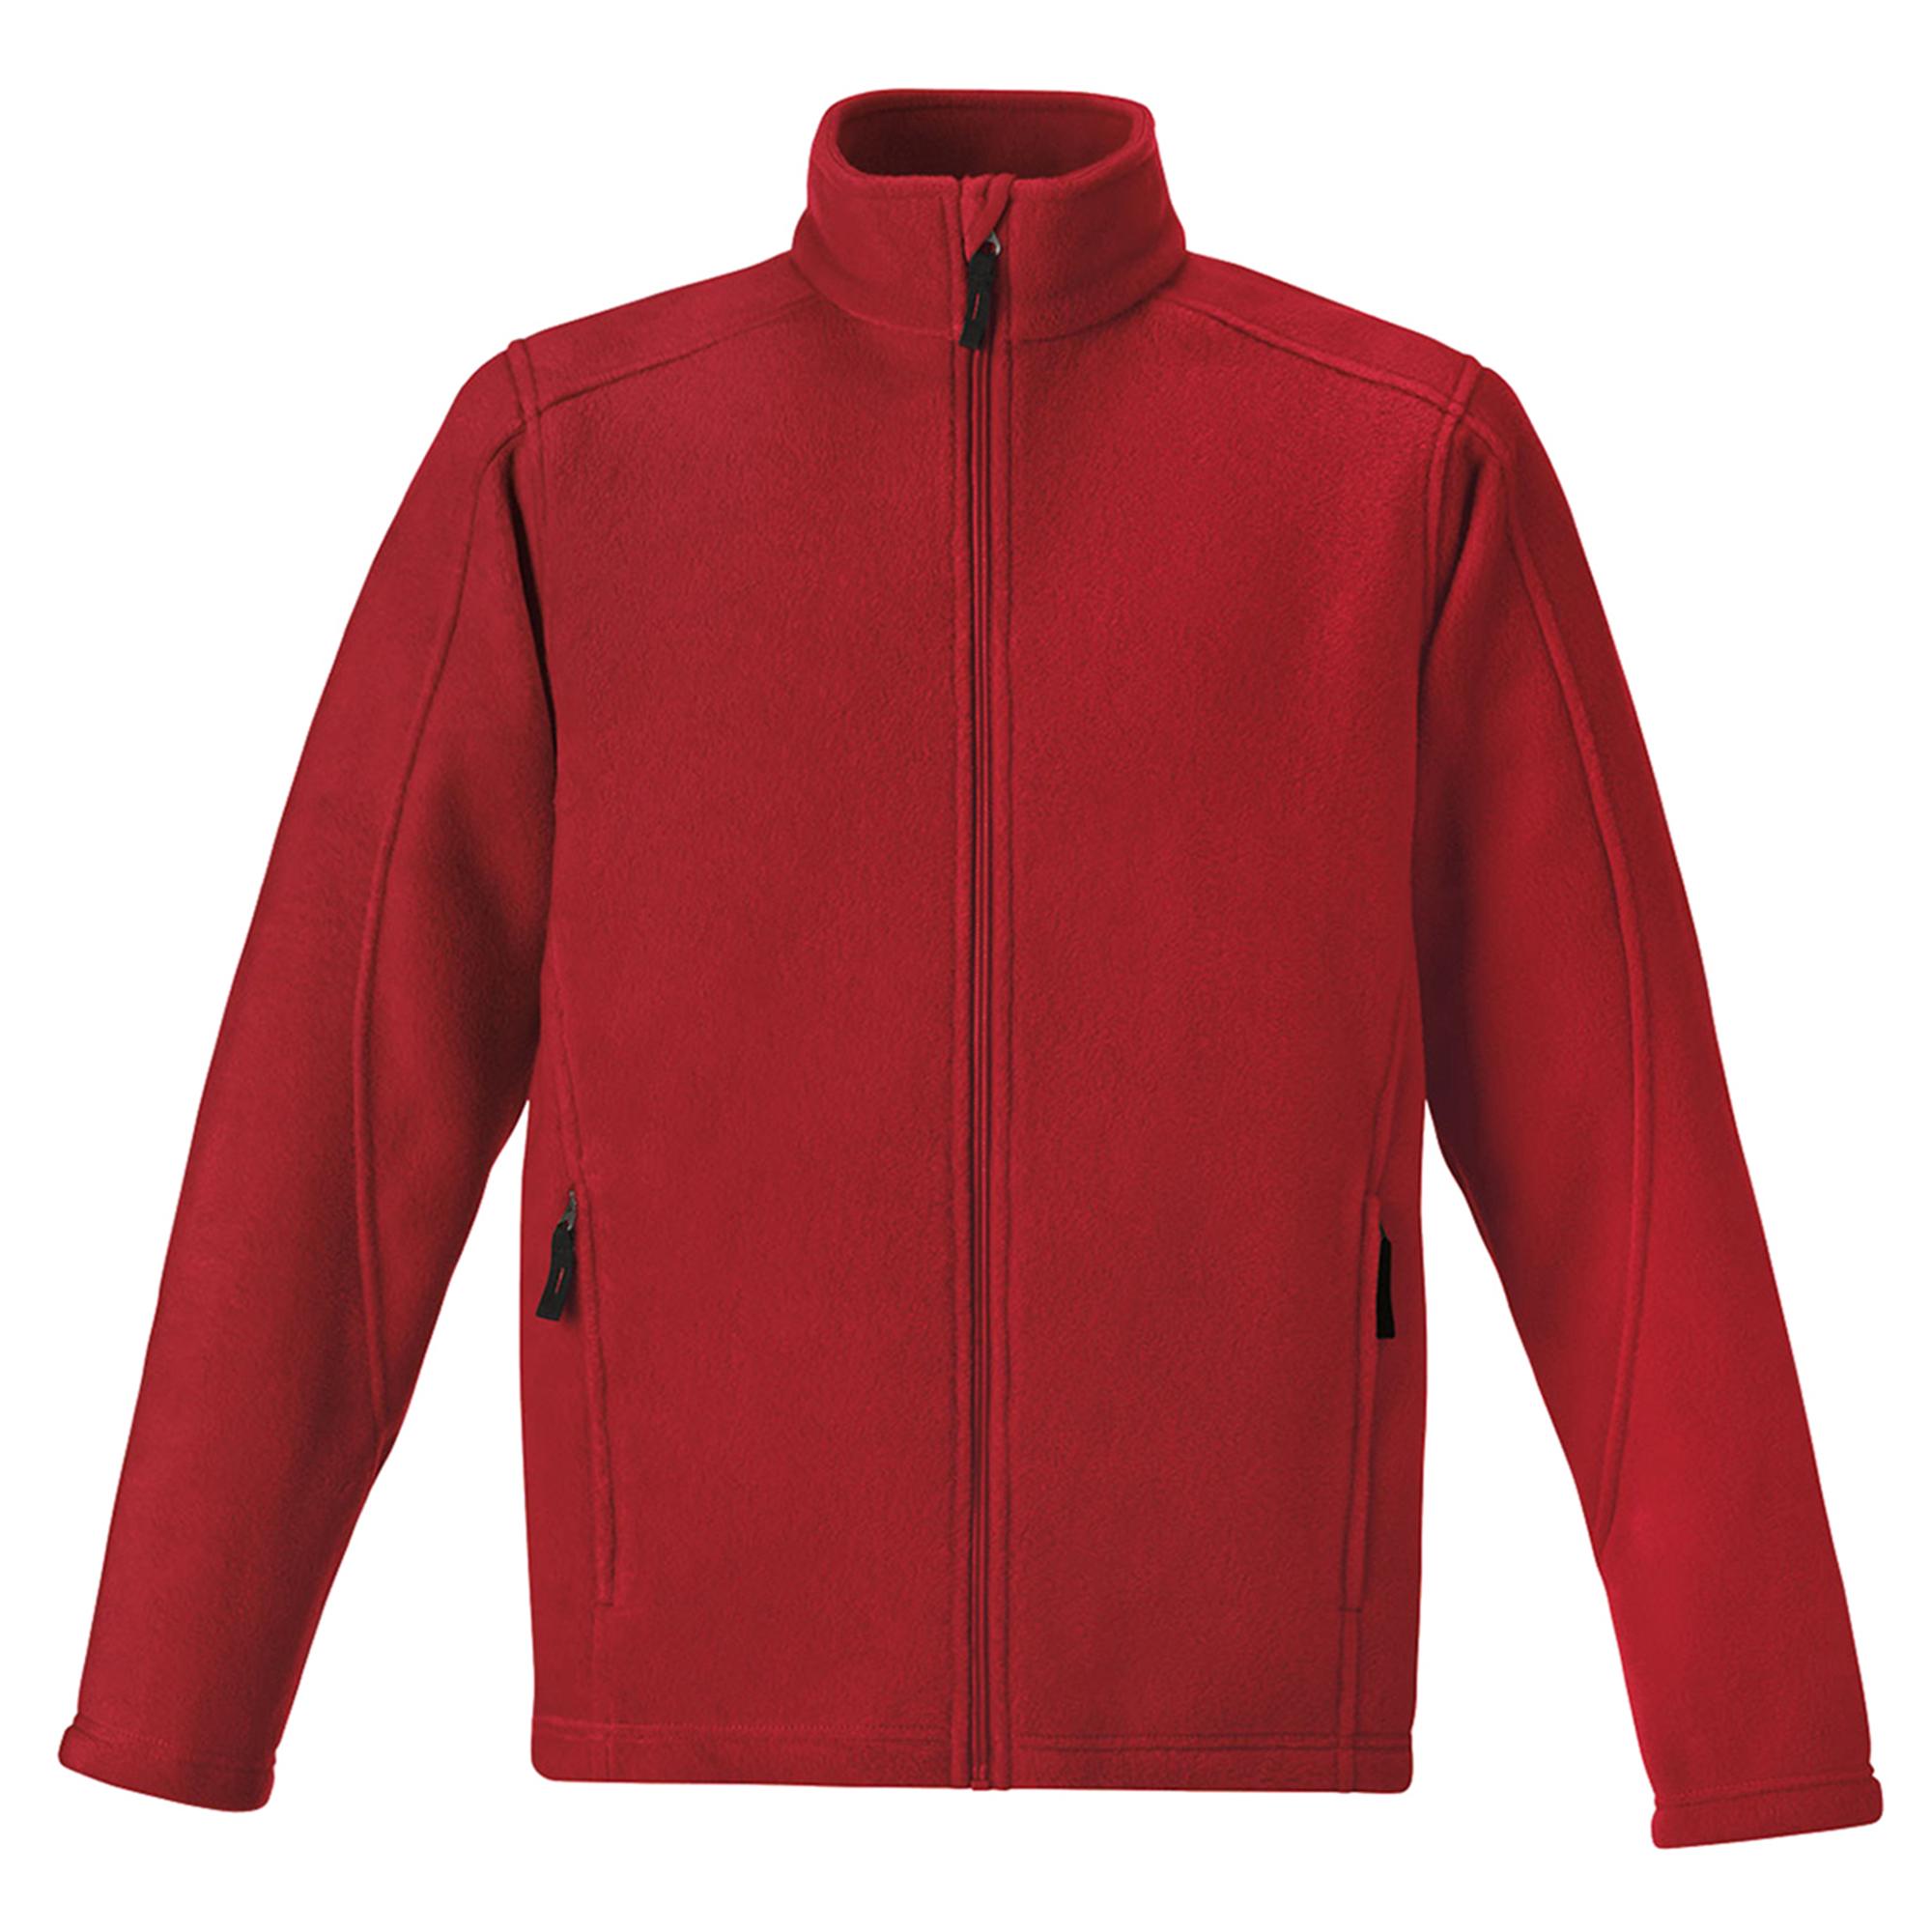 North End 88190 Men's Fleece Inside Pocket Jacket at Sears.com